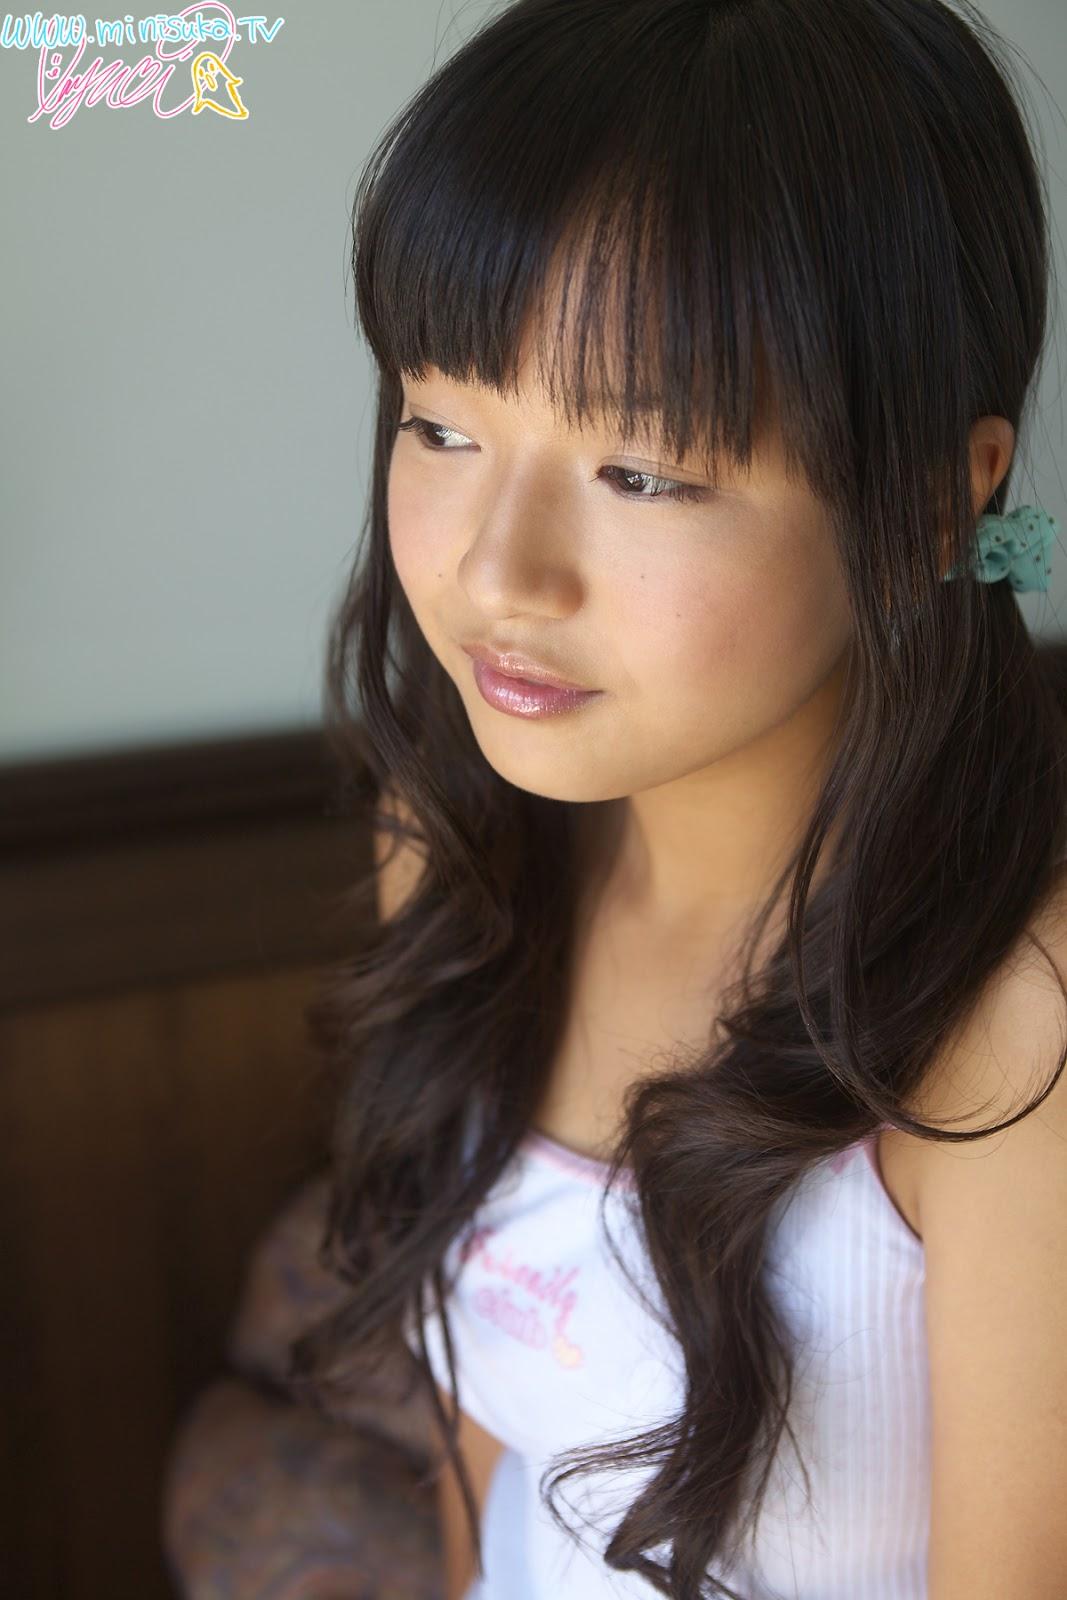 Mayumi Yamanaka Japanese Cute Idol Sexy White Sleeping -6143